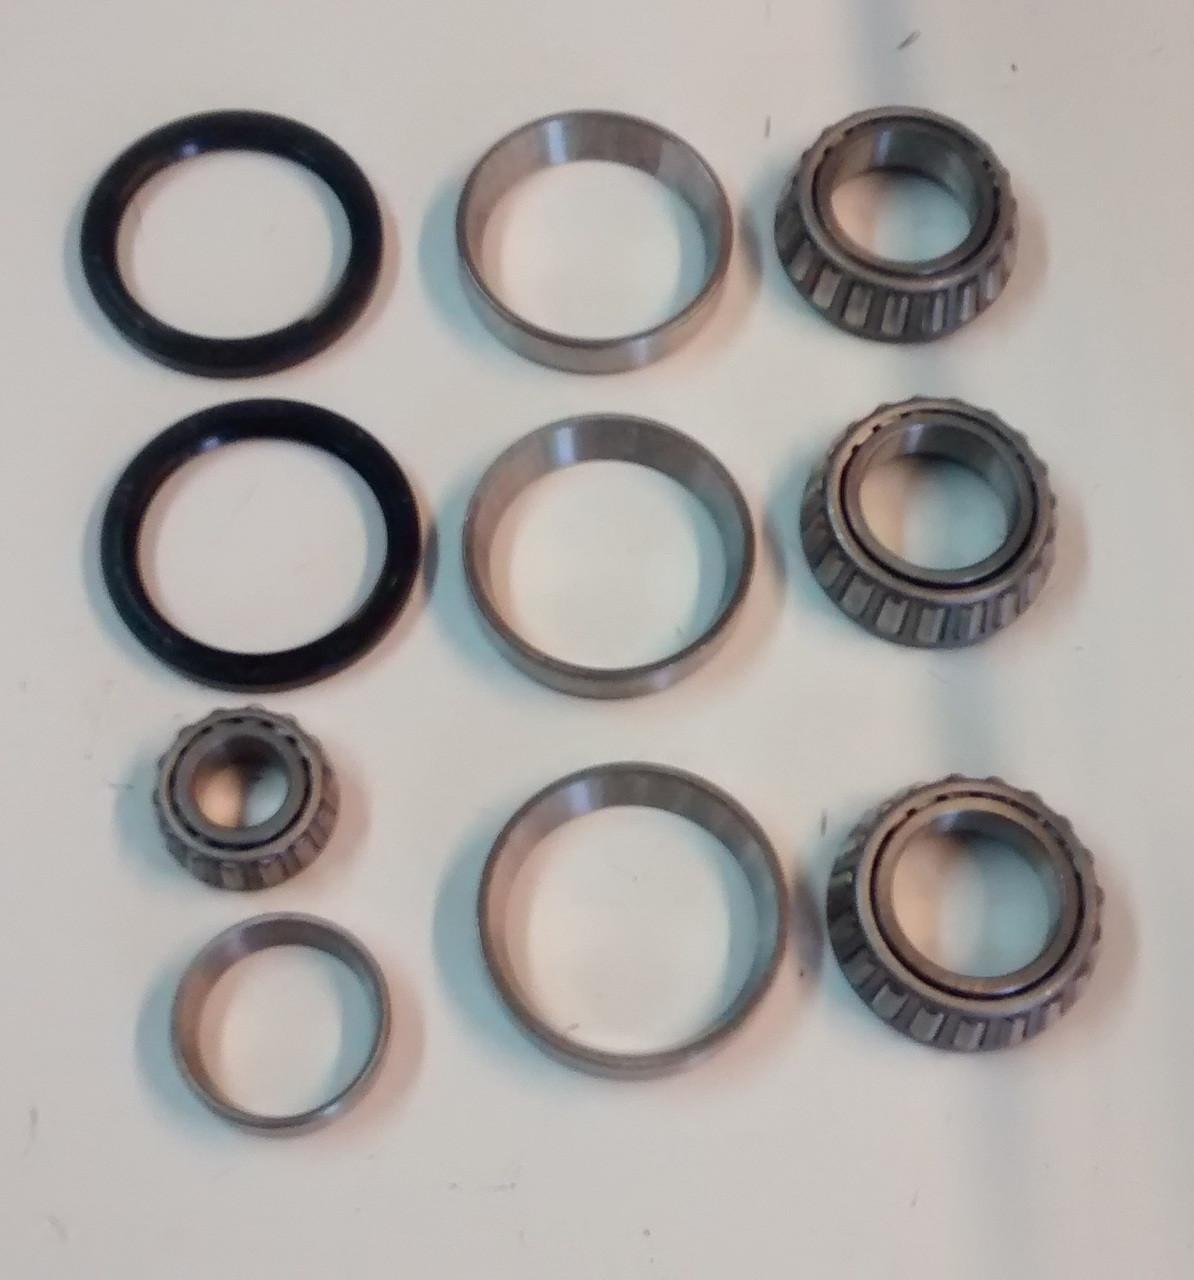 New Holland Ford 56, 256, 258, 259, 260 rake gearbox rebuild kit Timken